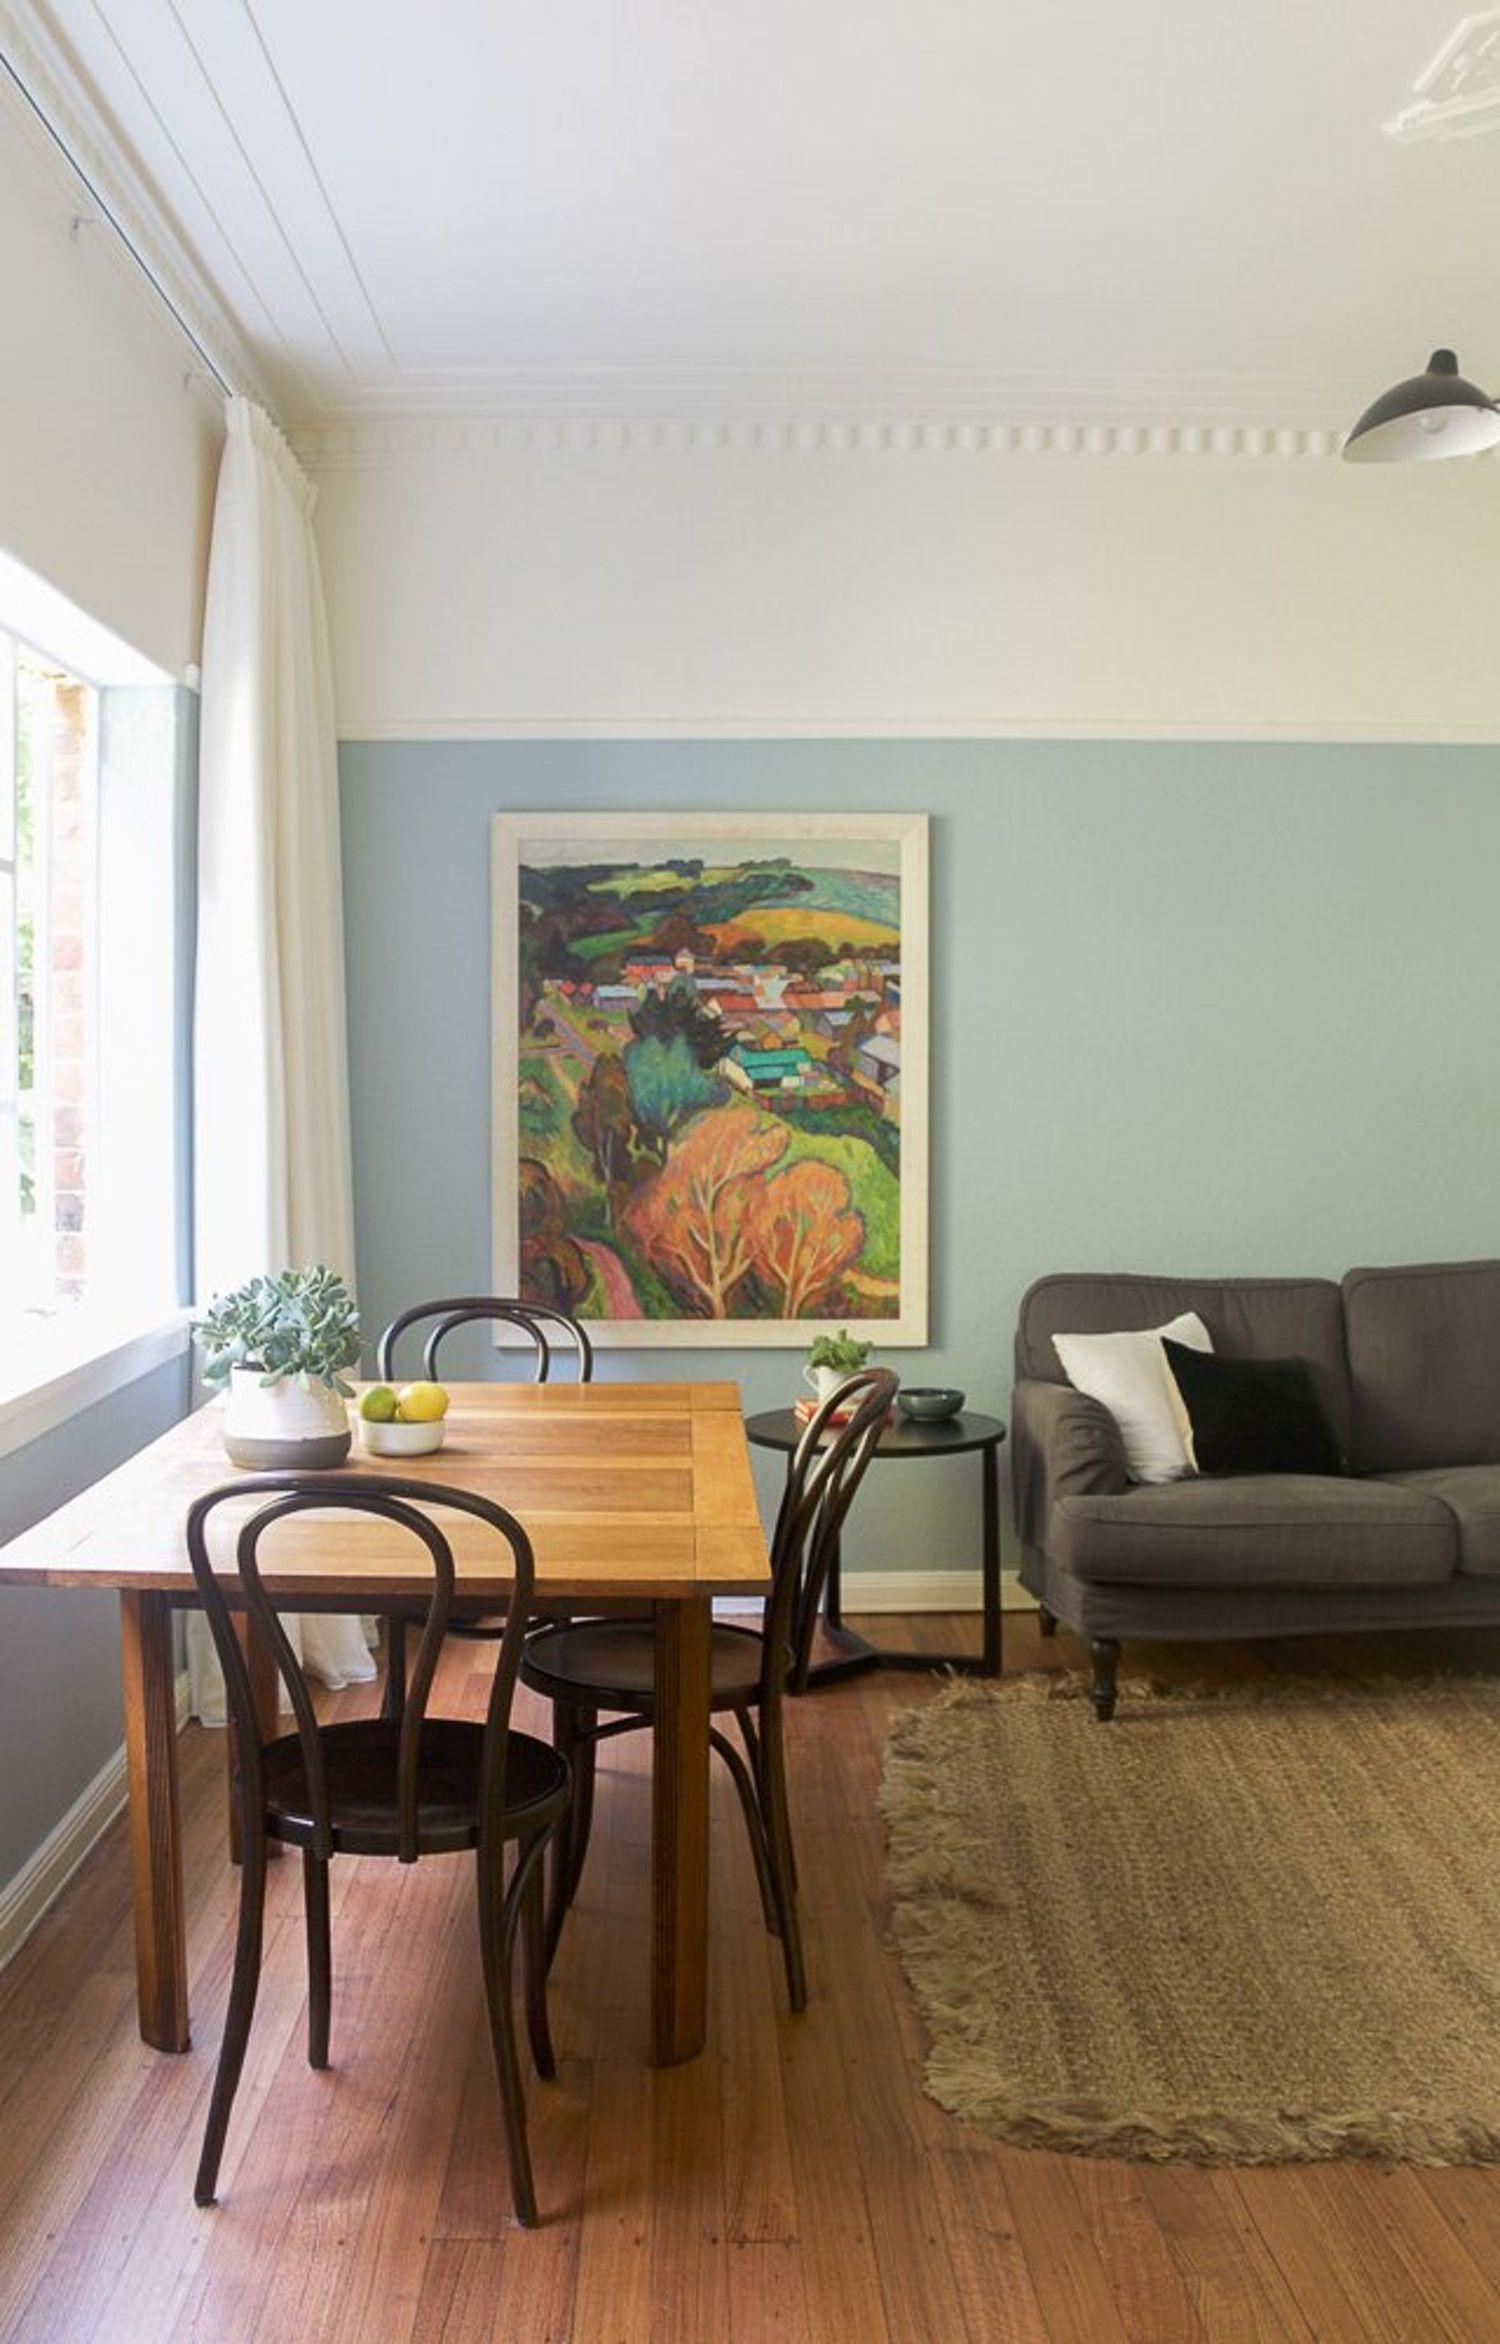 Joanne's 1940s Art Deco Apartment Renovation — House Tour